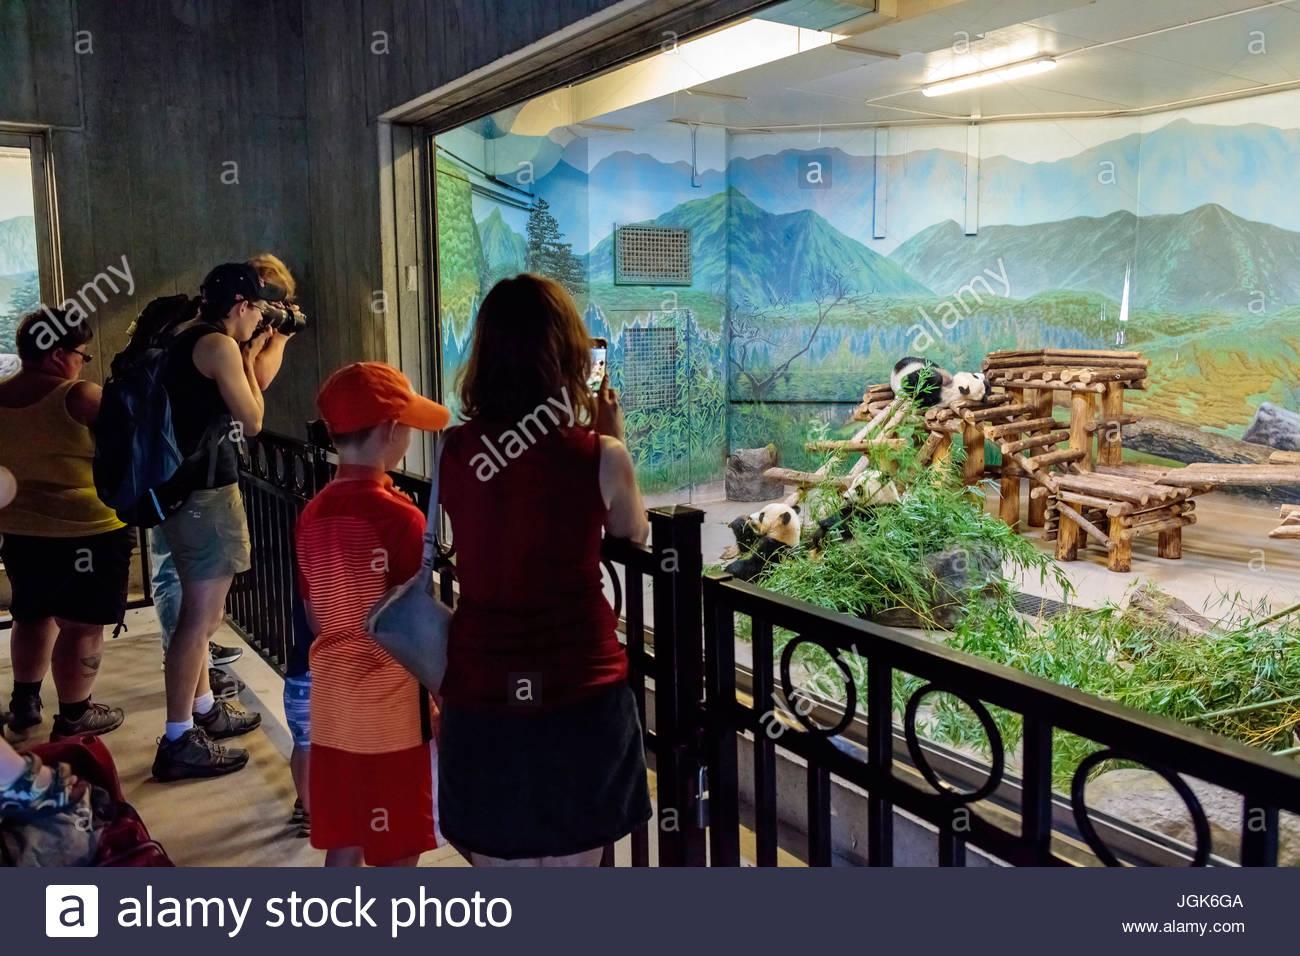 toronto-zoo-park-giant-panda-exhibit-tra